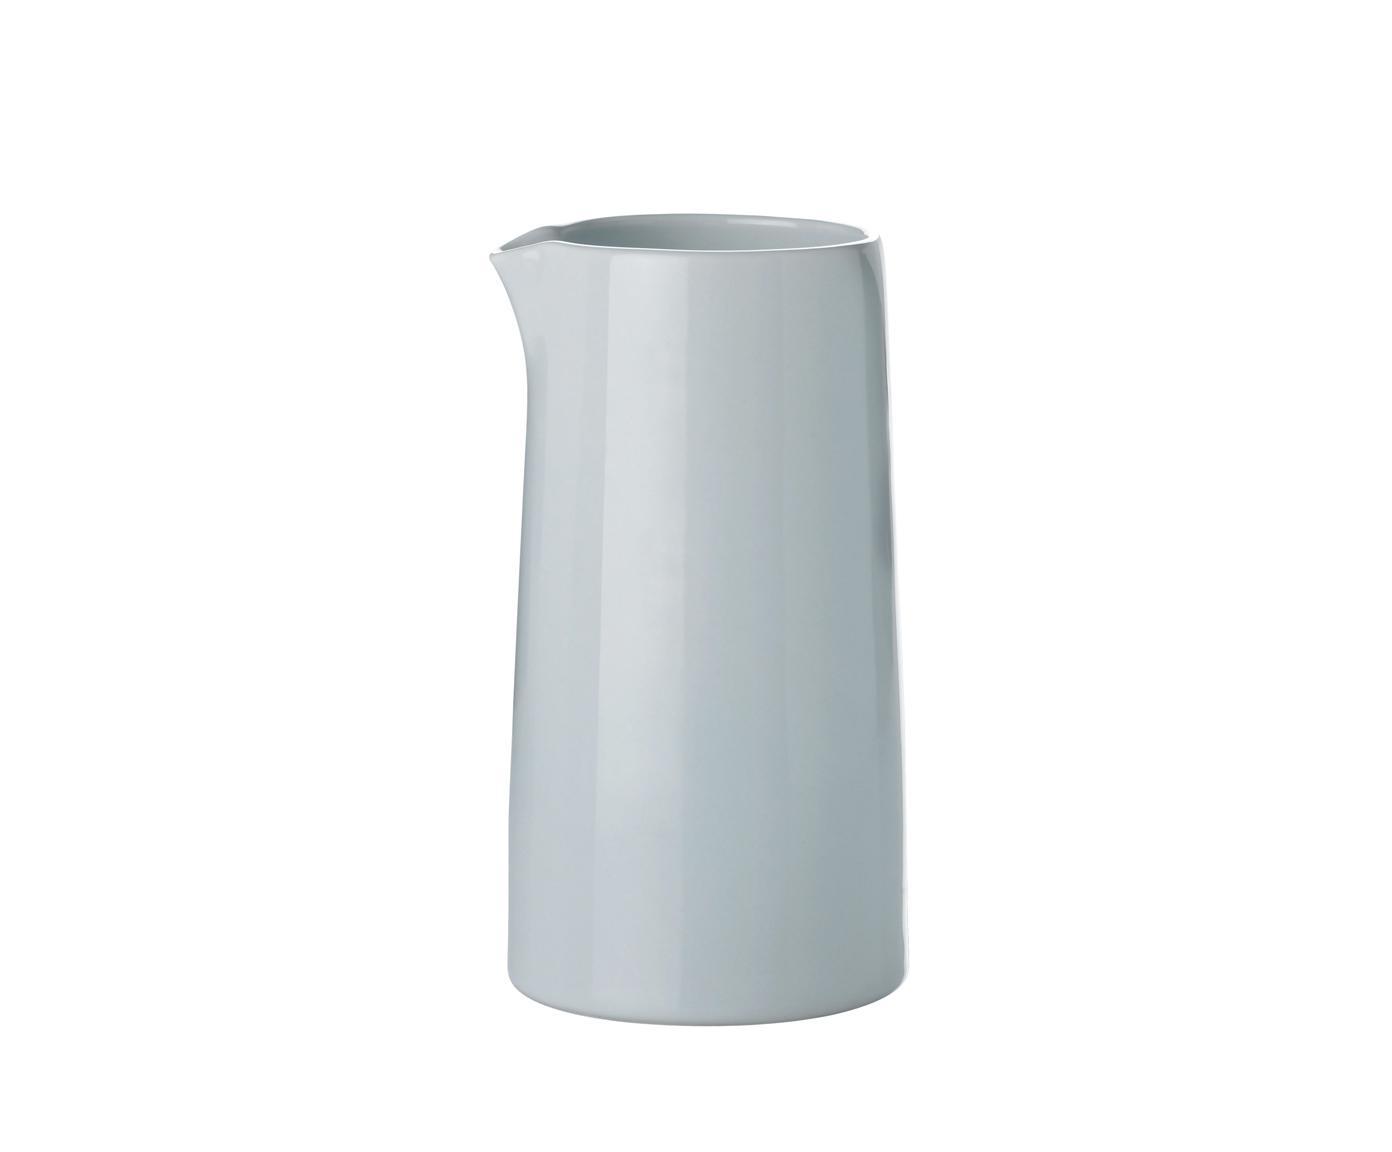 Brocca per il latte Emma, Porcellana, Blu, grigio, Ø 14 cm